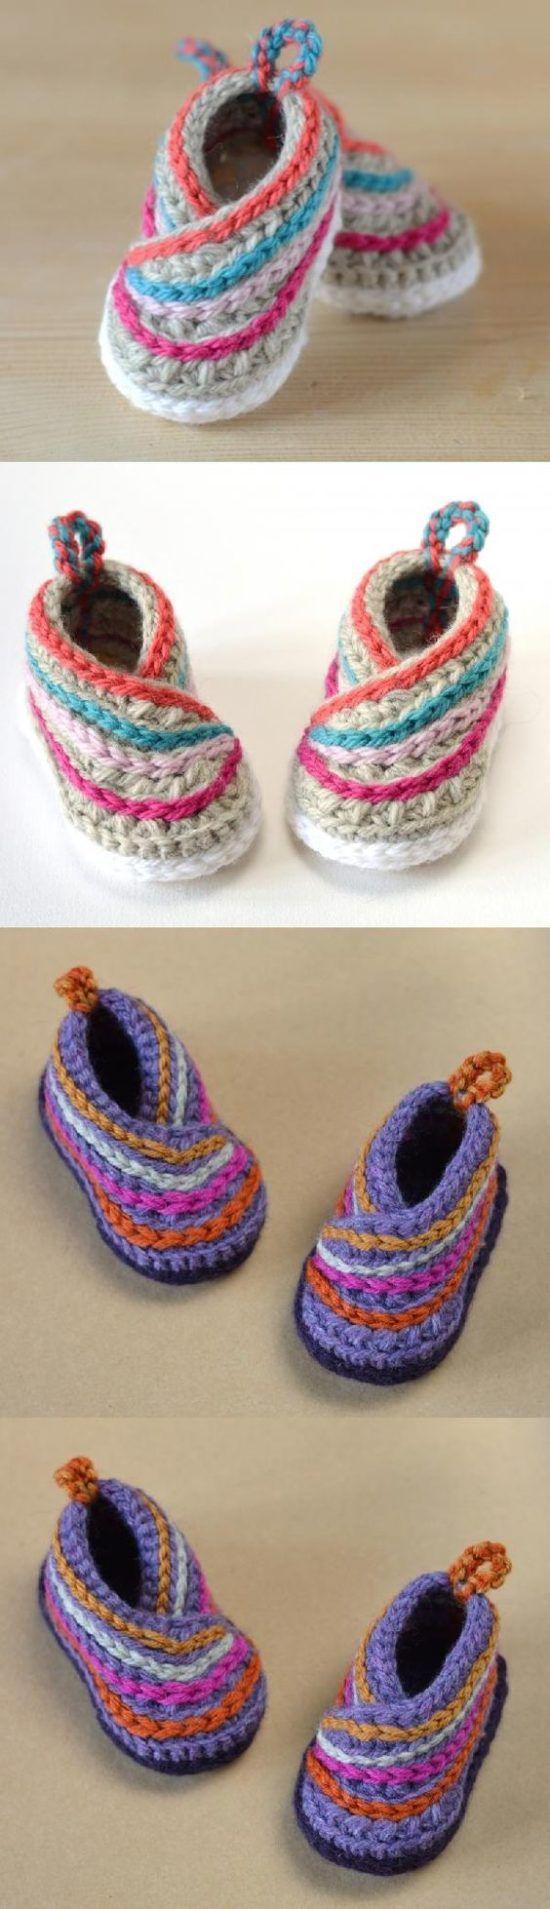 Crochet Kimono Baby Shoes Video Tutorial | Tejido, Bebe y Bebé